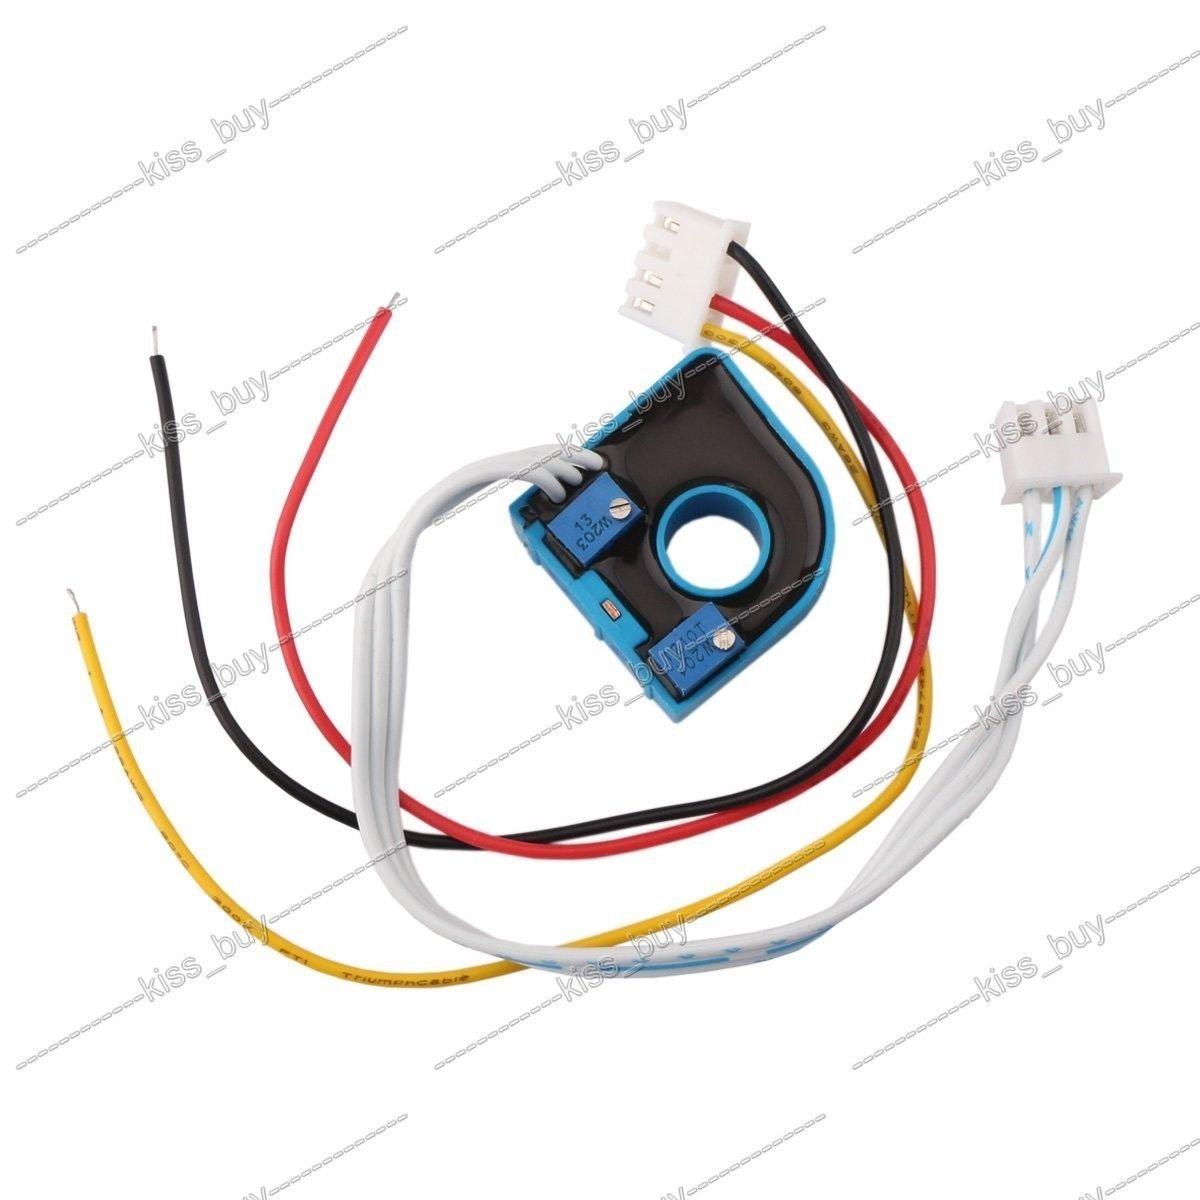 DC 0~600V/50A Volt Amp Meter Dual display Voltage Current 12V 24V CAR Voltmeter Ammeter Charge Discharge Solar Battery Monitor